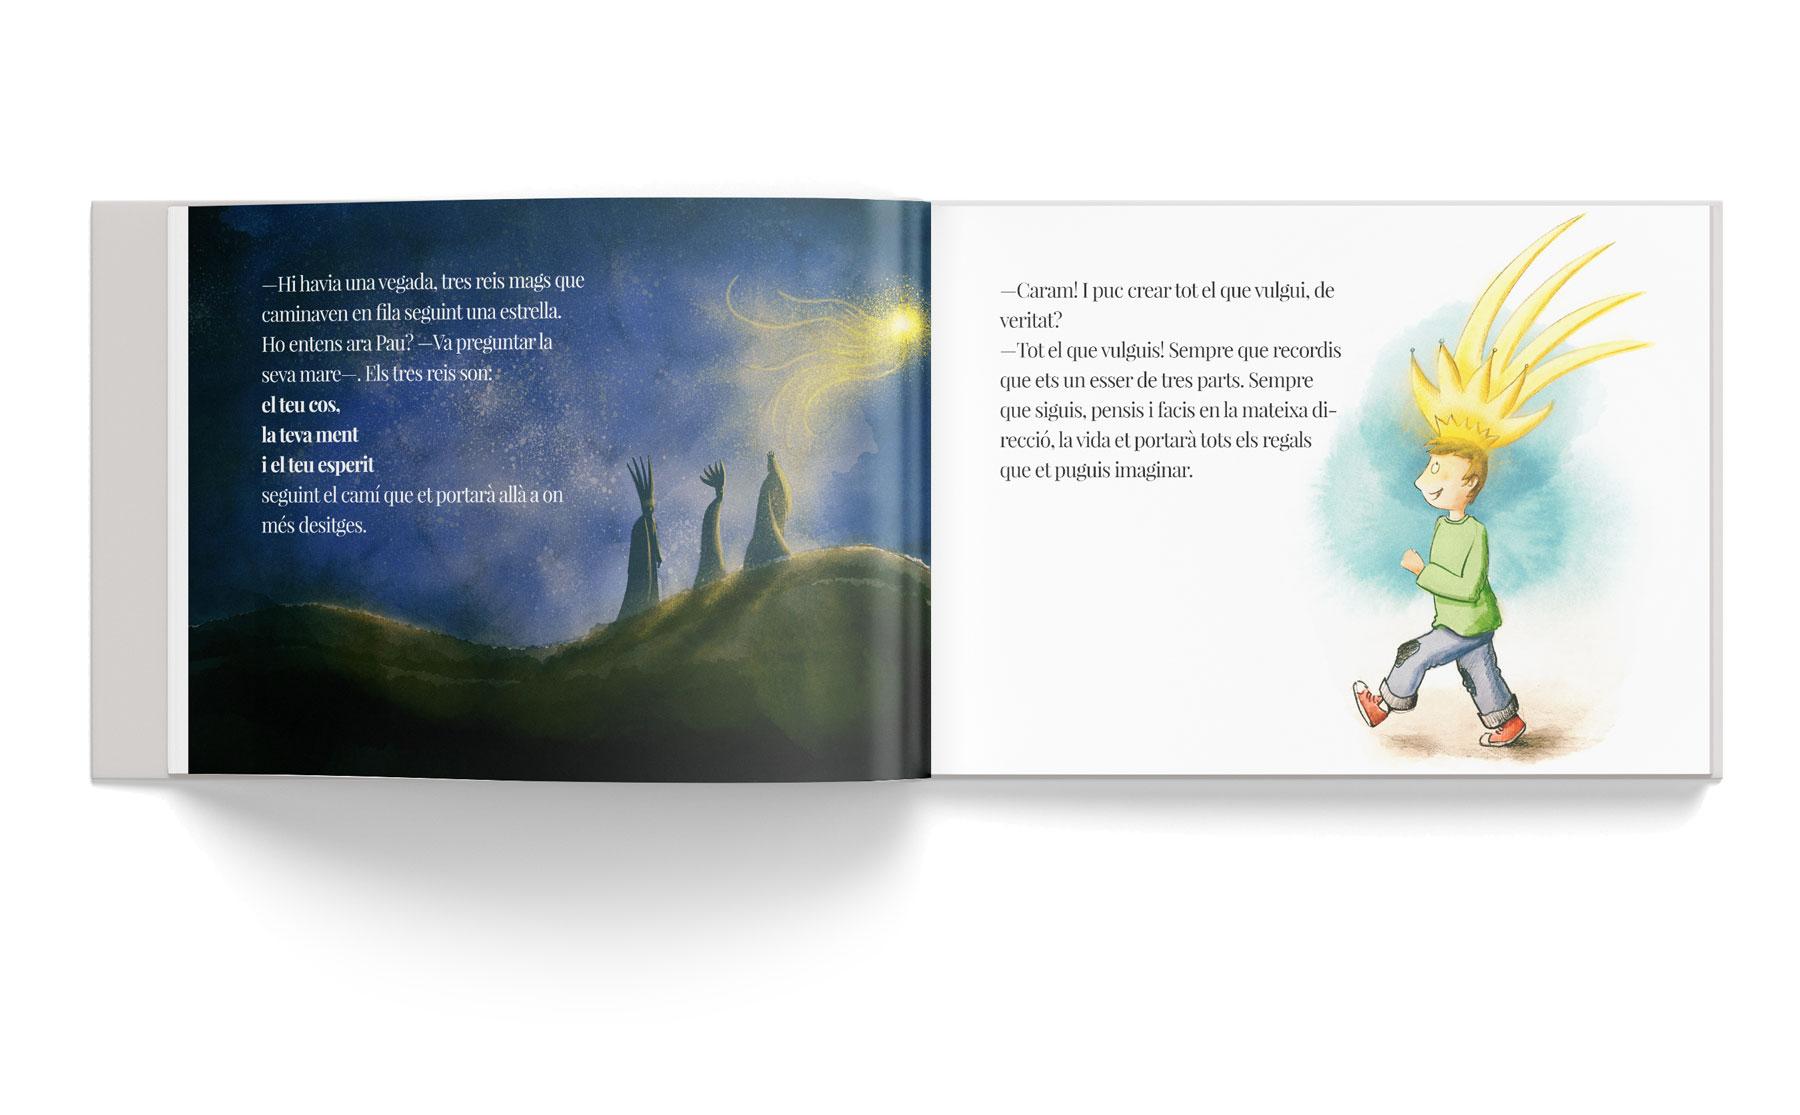 Qui són els tres reis mags? llibre.jpg